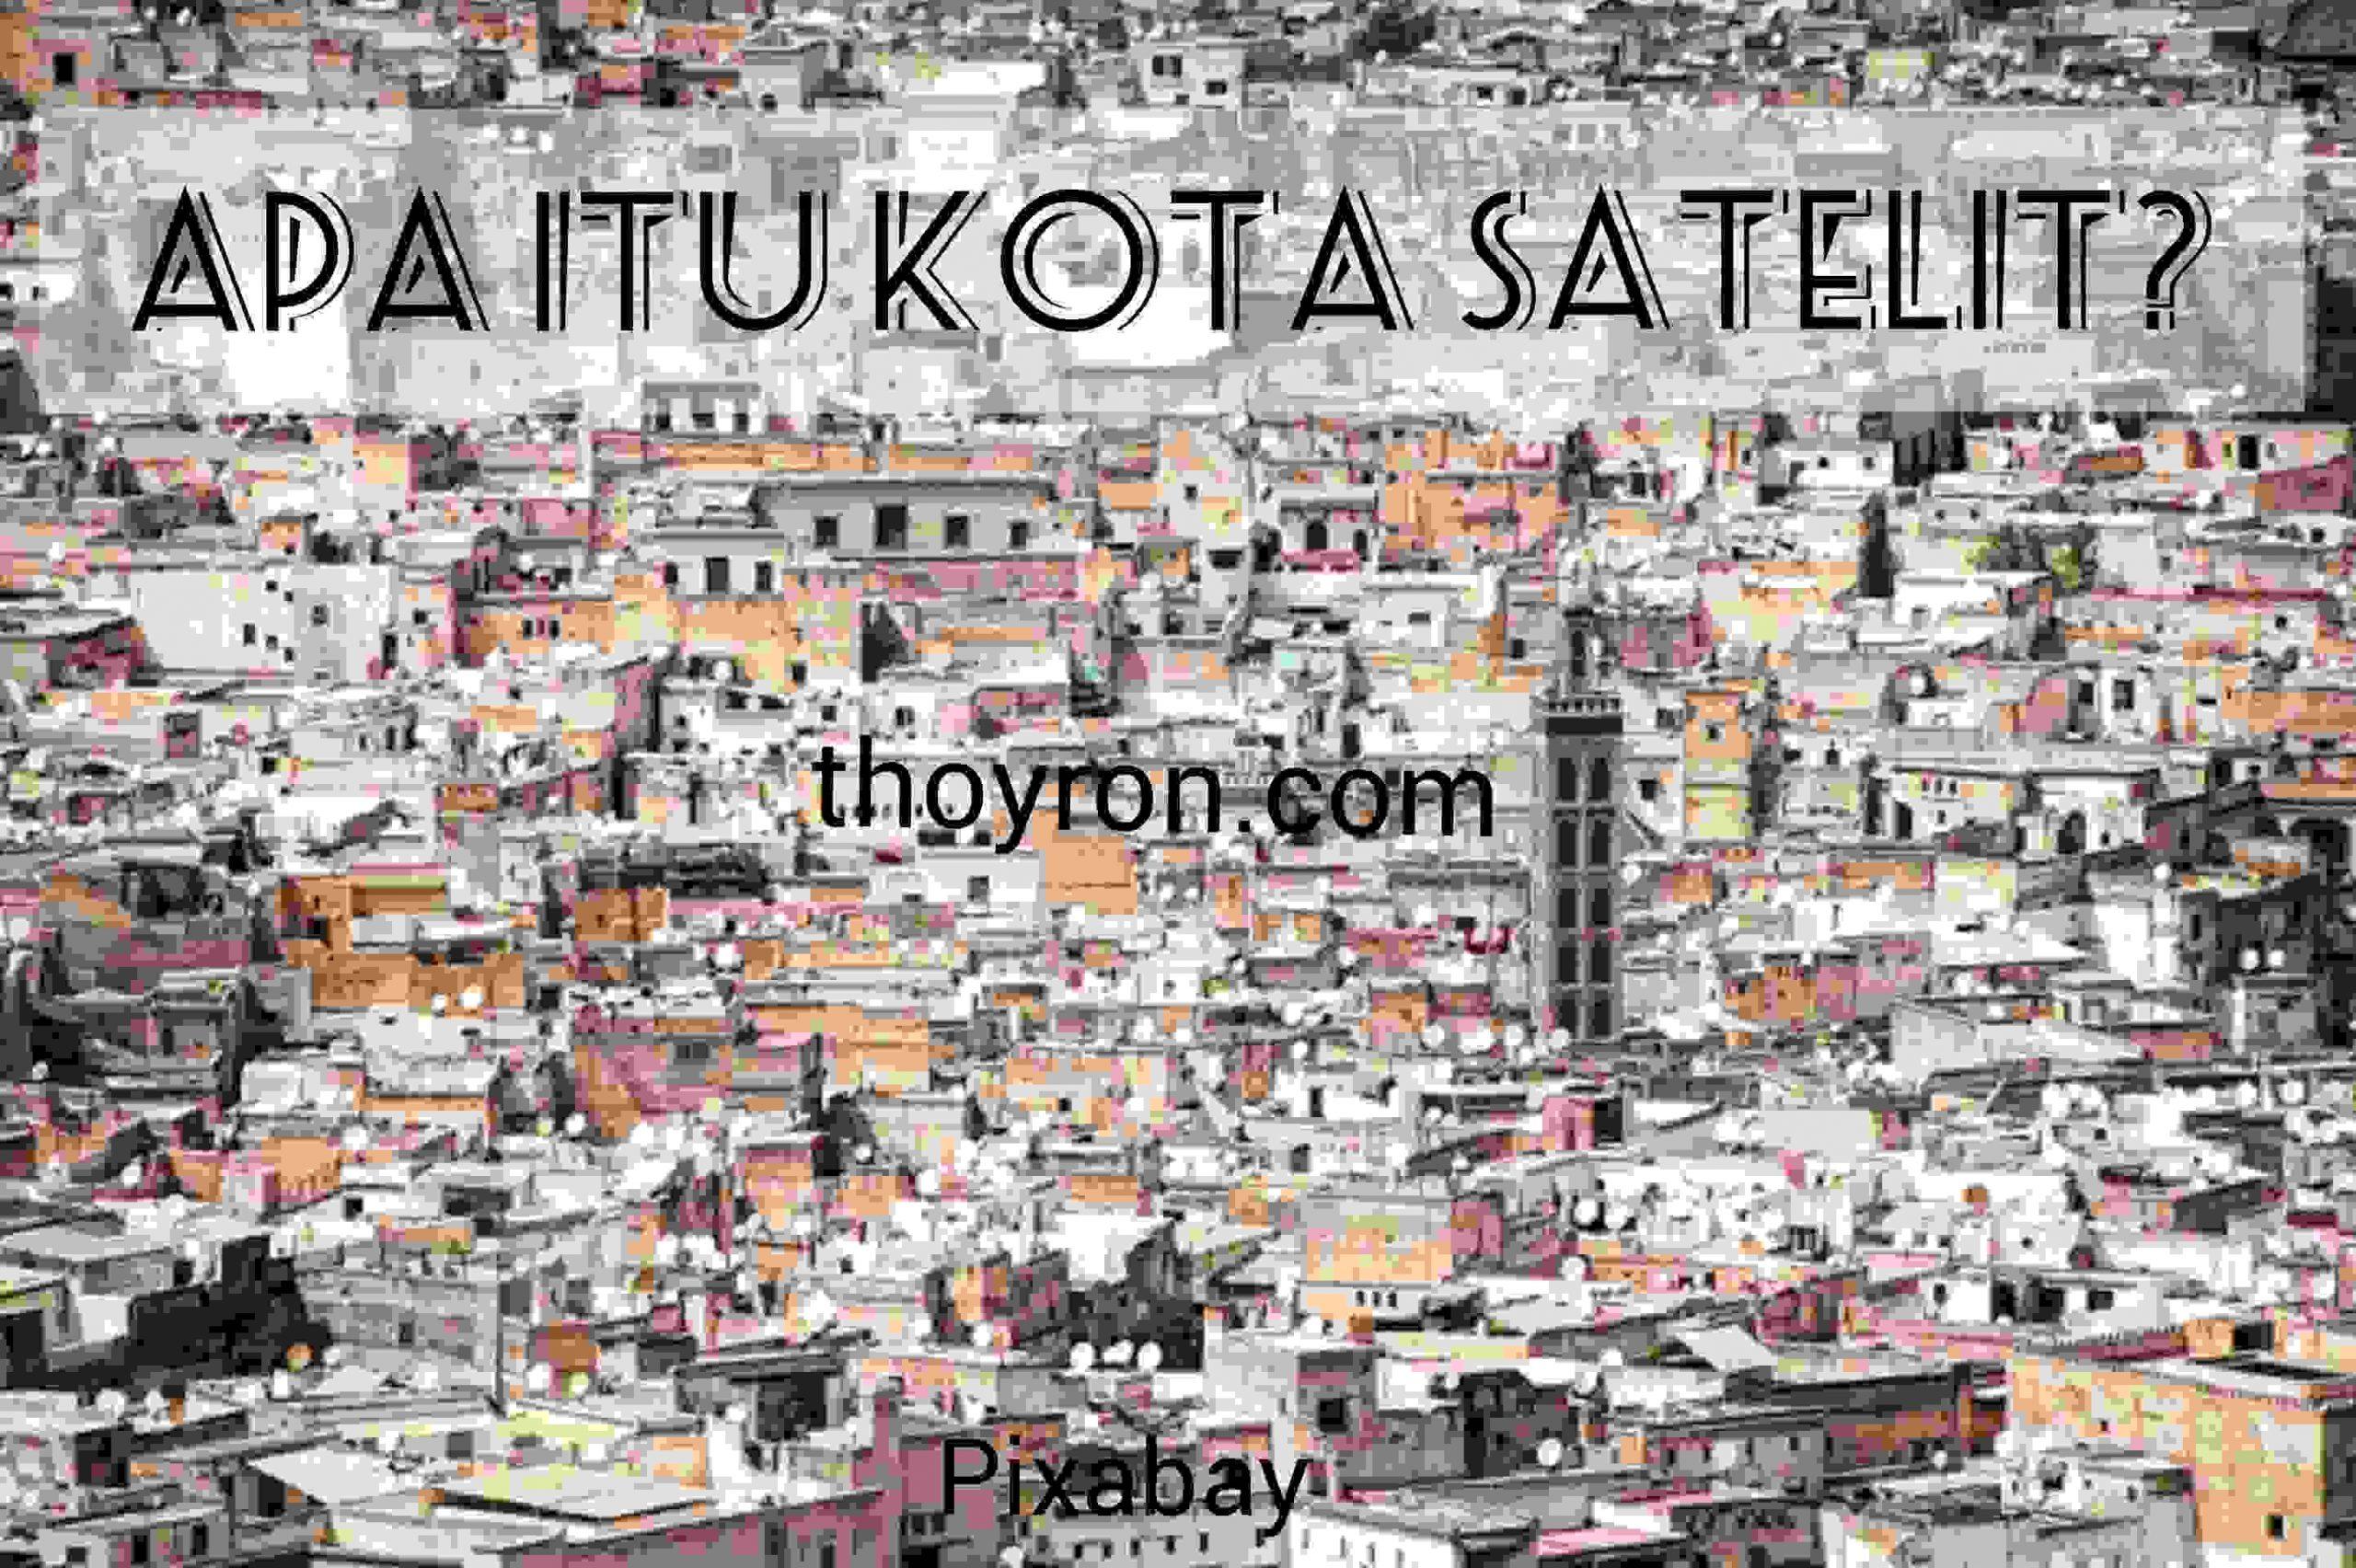 Apa Itu Kota Satelit?